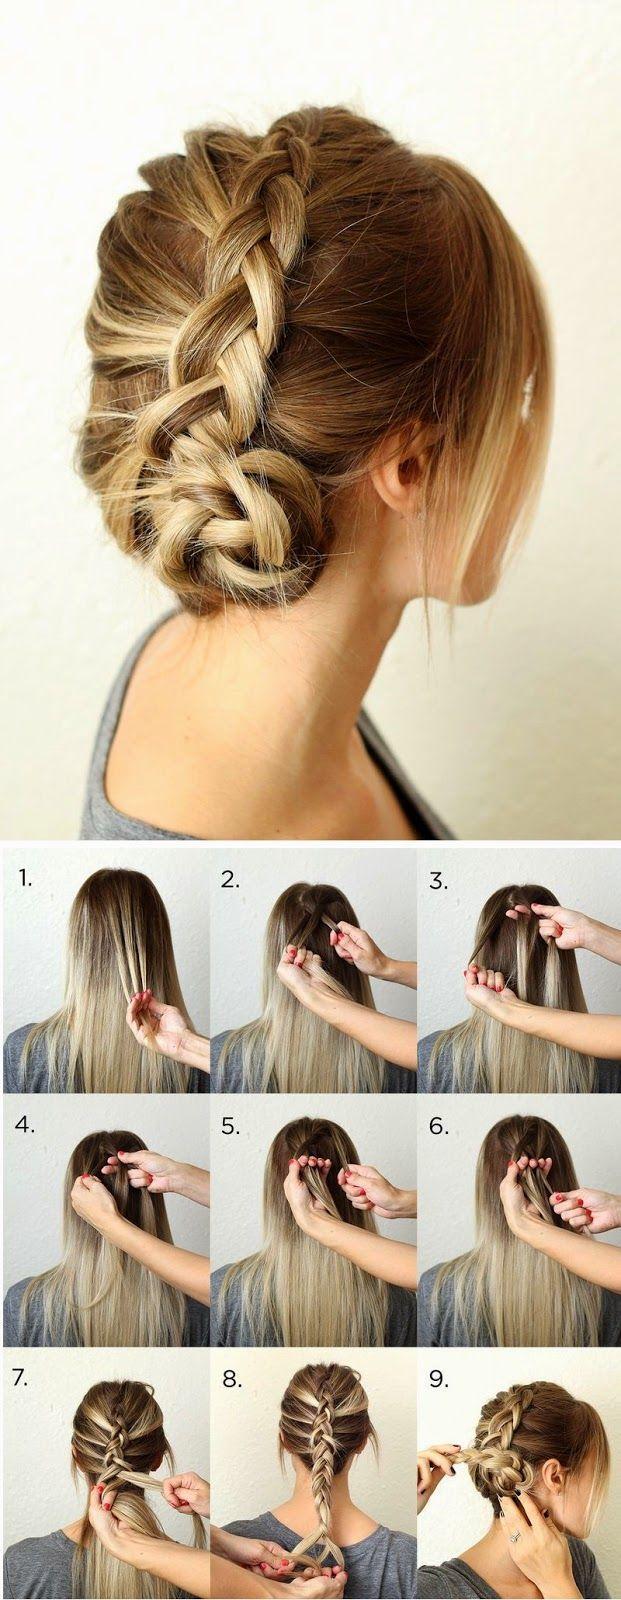 Realiza estos 3 peinados en 5 minutos